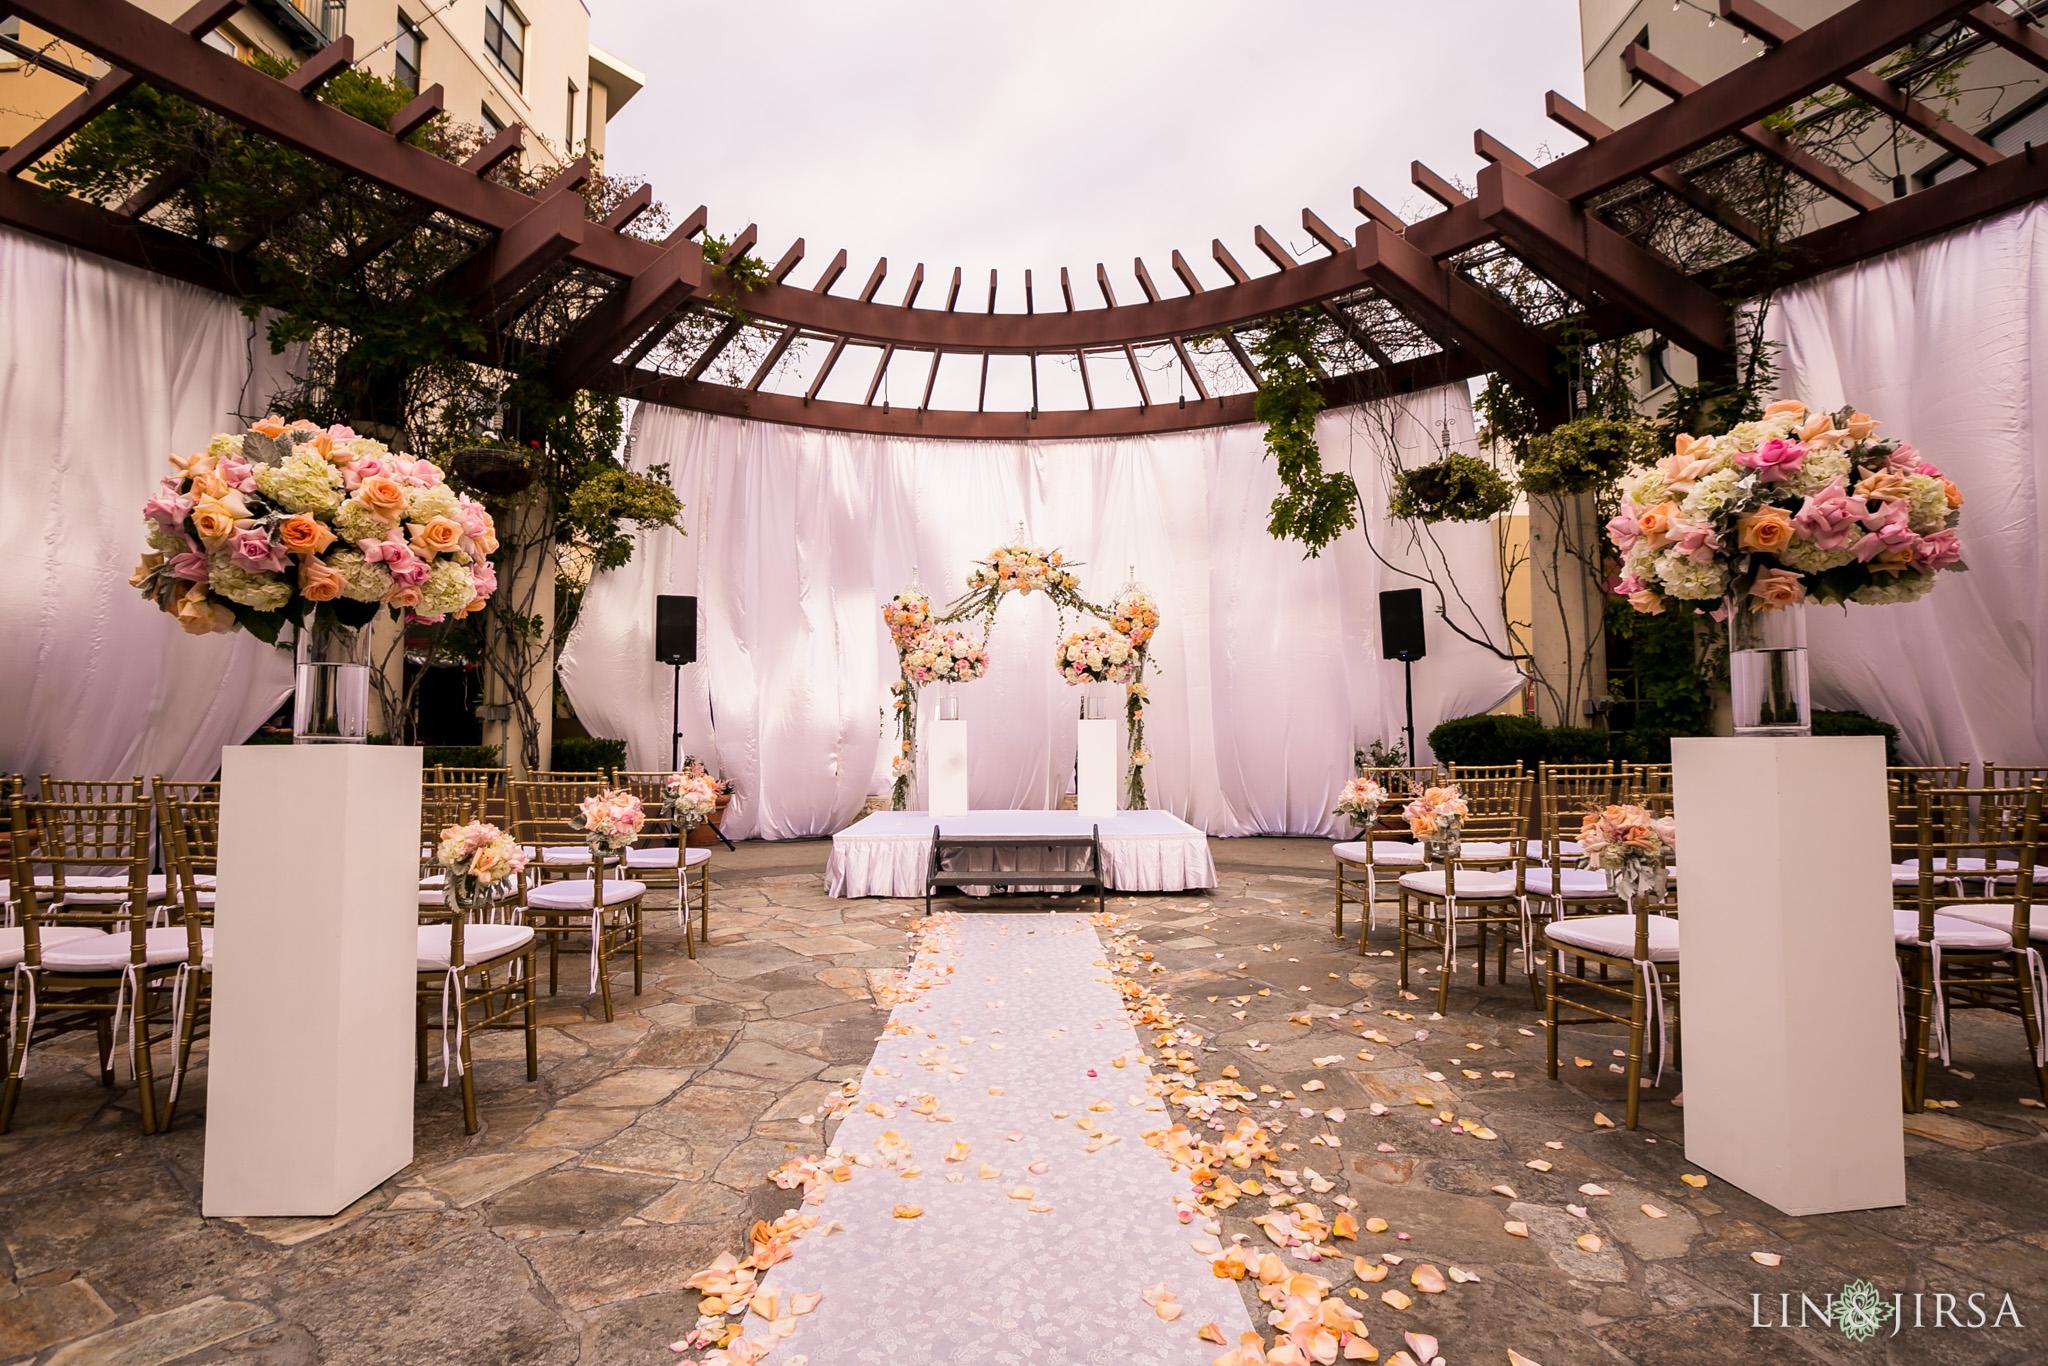 noor pasadena wedding photography sophia austin